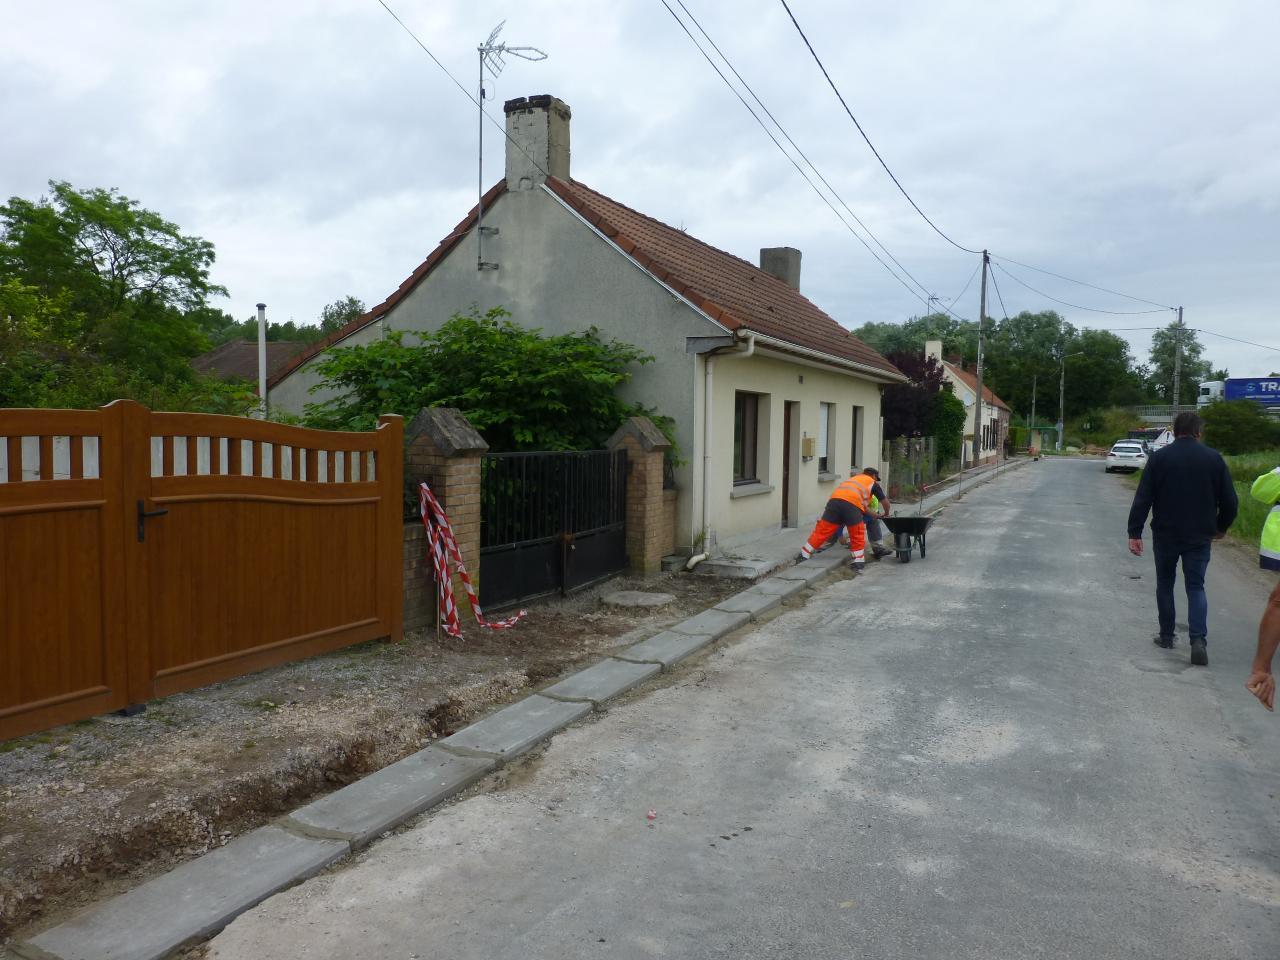 Rue de vincq phase 2 (12)